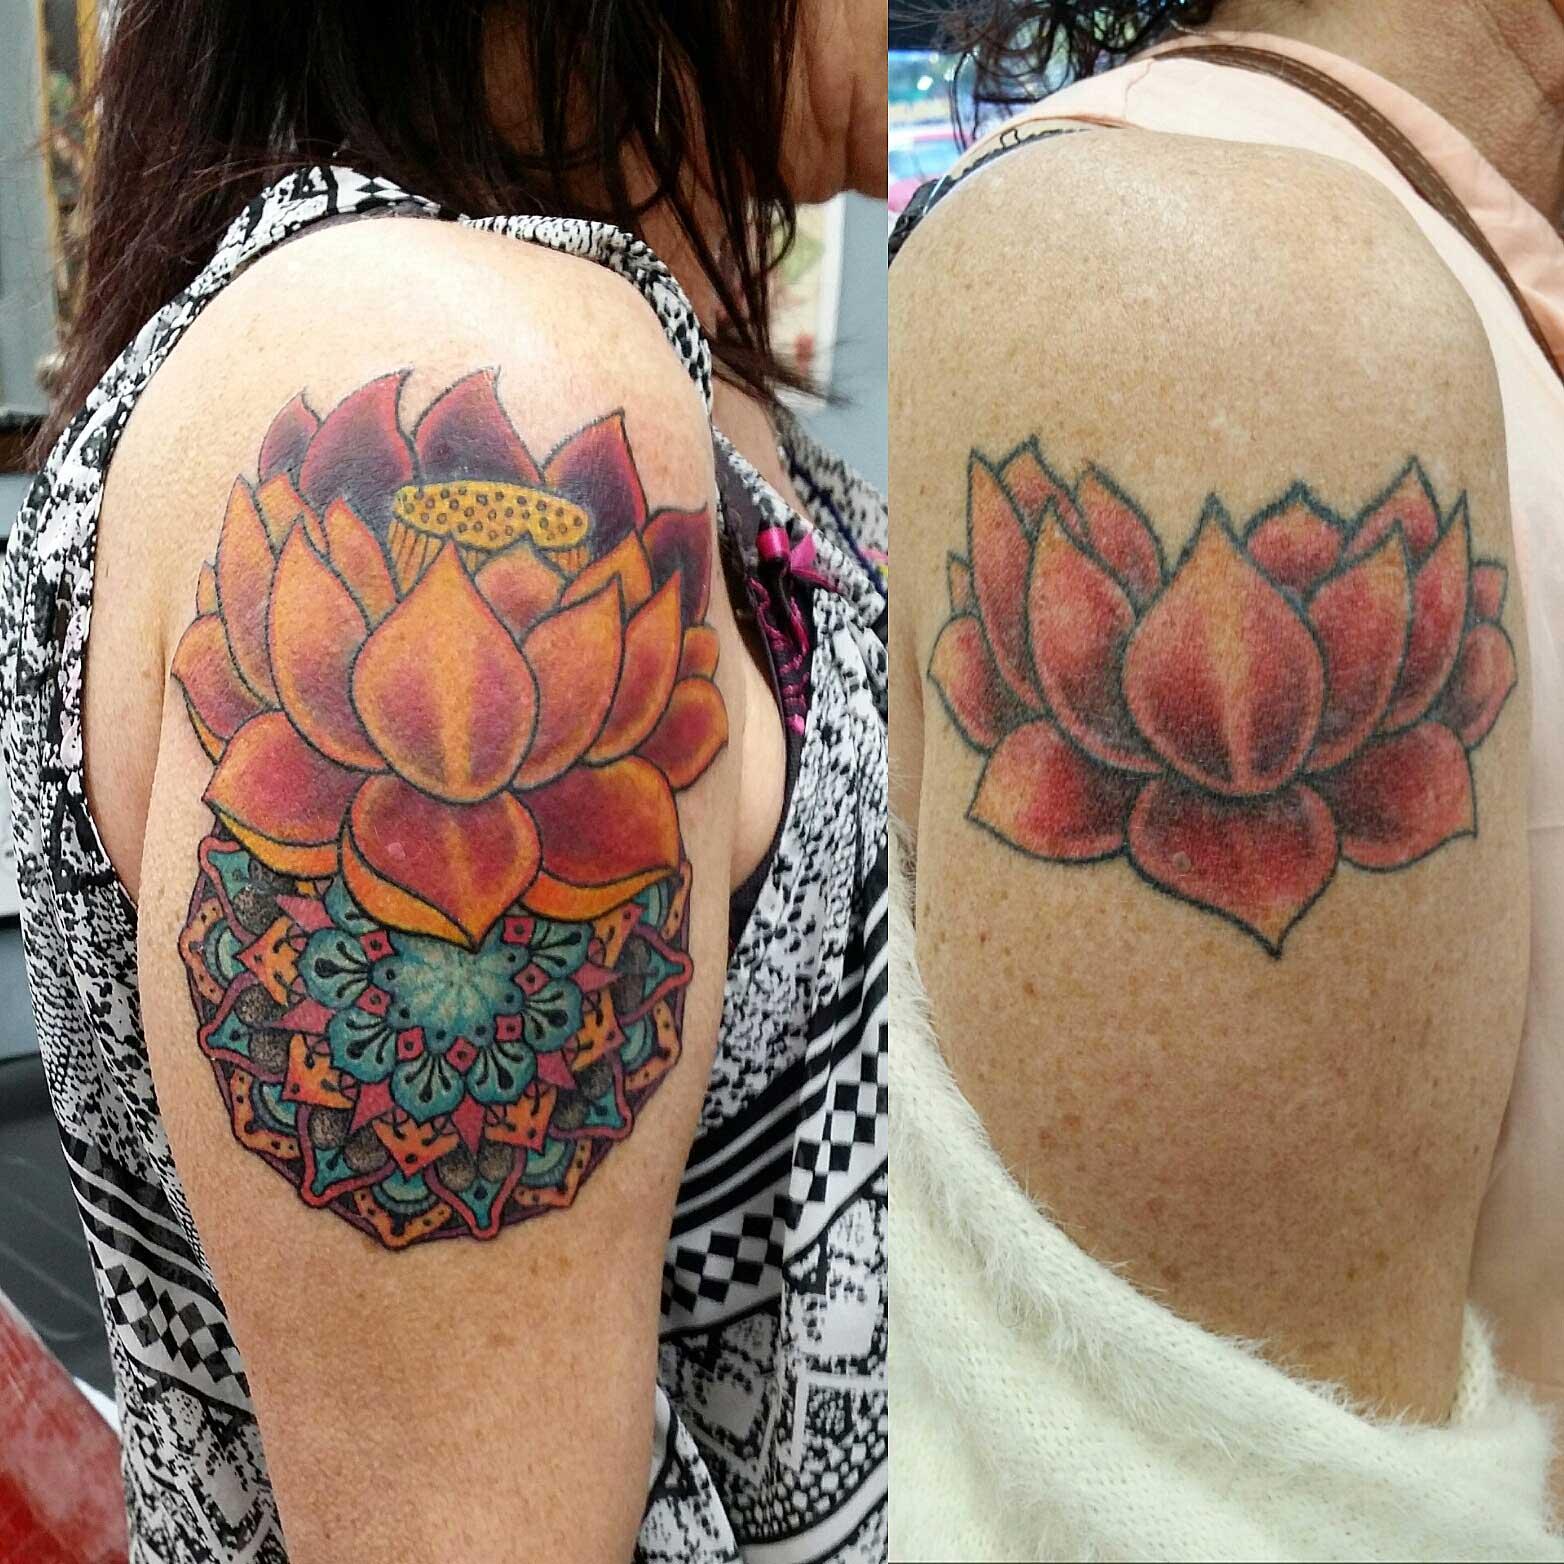 Tristan lewellyn tattoo artist at funhouse tattoo san diego geomtric mandala tattoo of lotus on upper arm izmirmasajfo